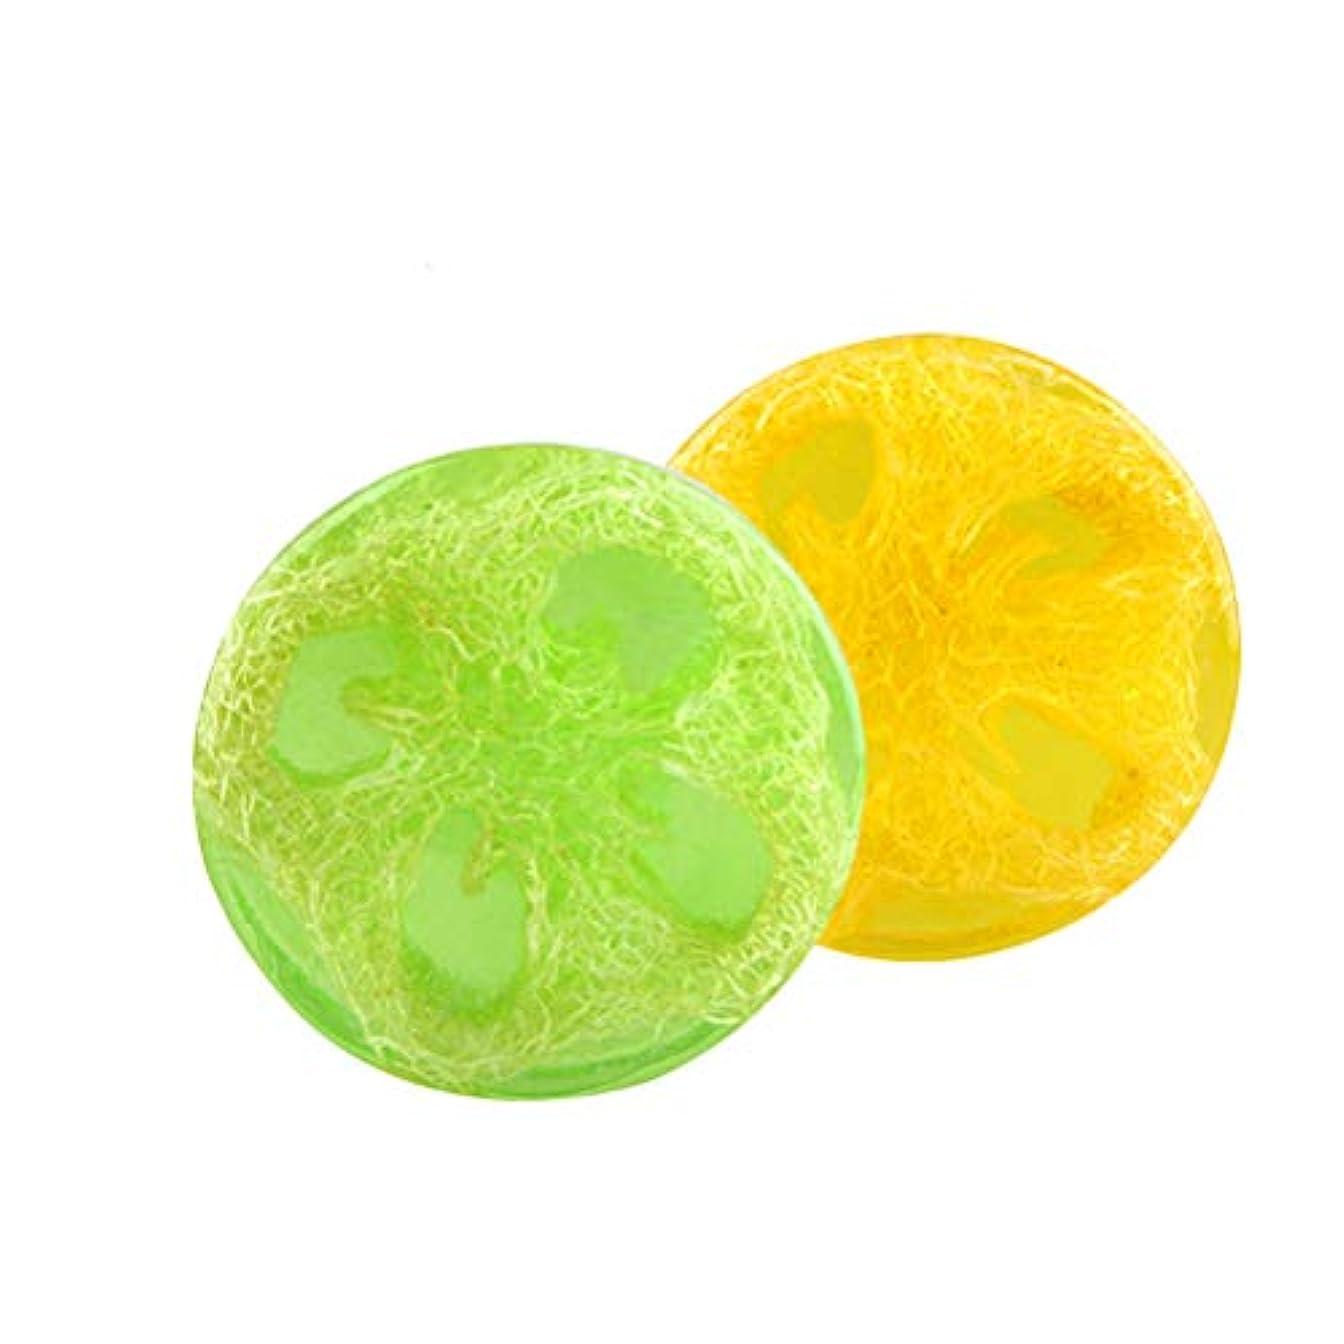 不当荒野まともなLurrose ハンドメイドエッセンシャルオイルソープバーモイスチャライジングボディウォッシュソープ2個(アロエとレモン)